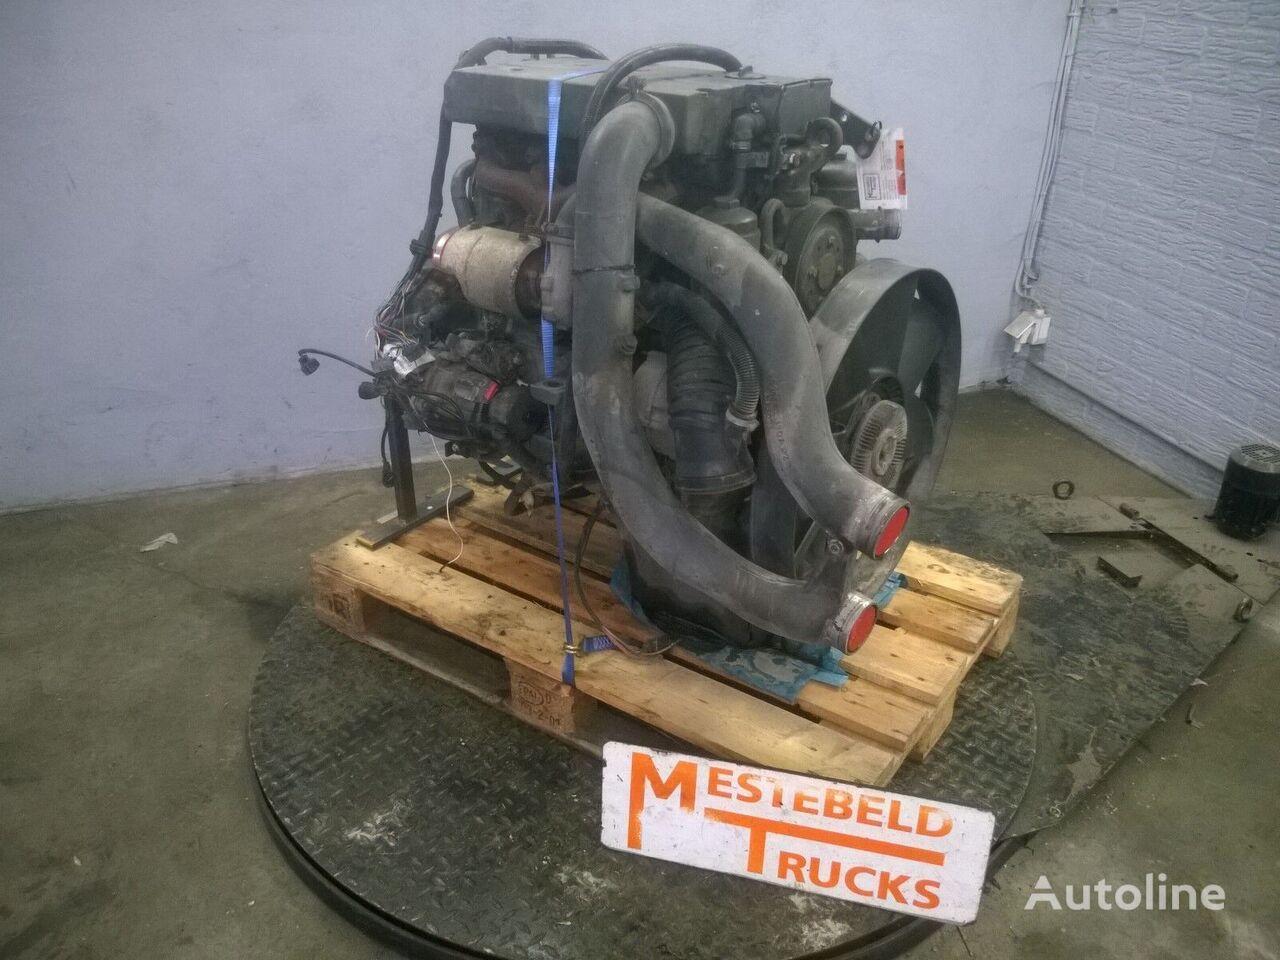 MERCEDES-BENZ OM904 LA II motor voor MERCEDES-BENZ Motor OM 904 LA II/4 vrachtwagen